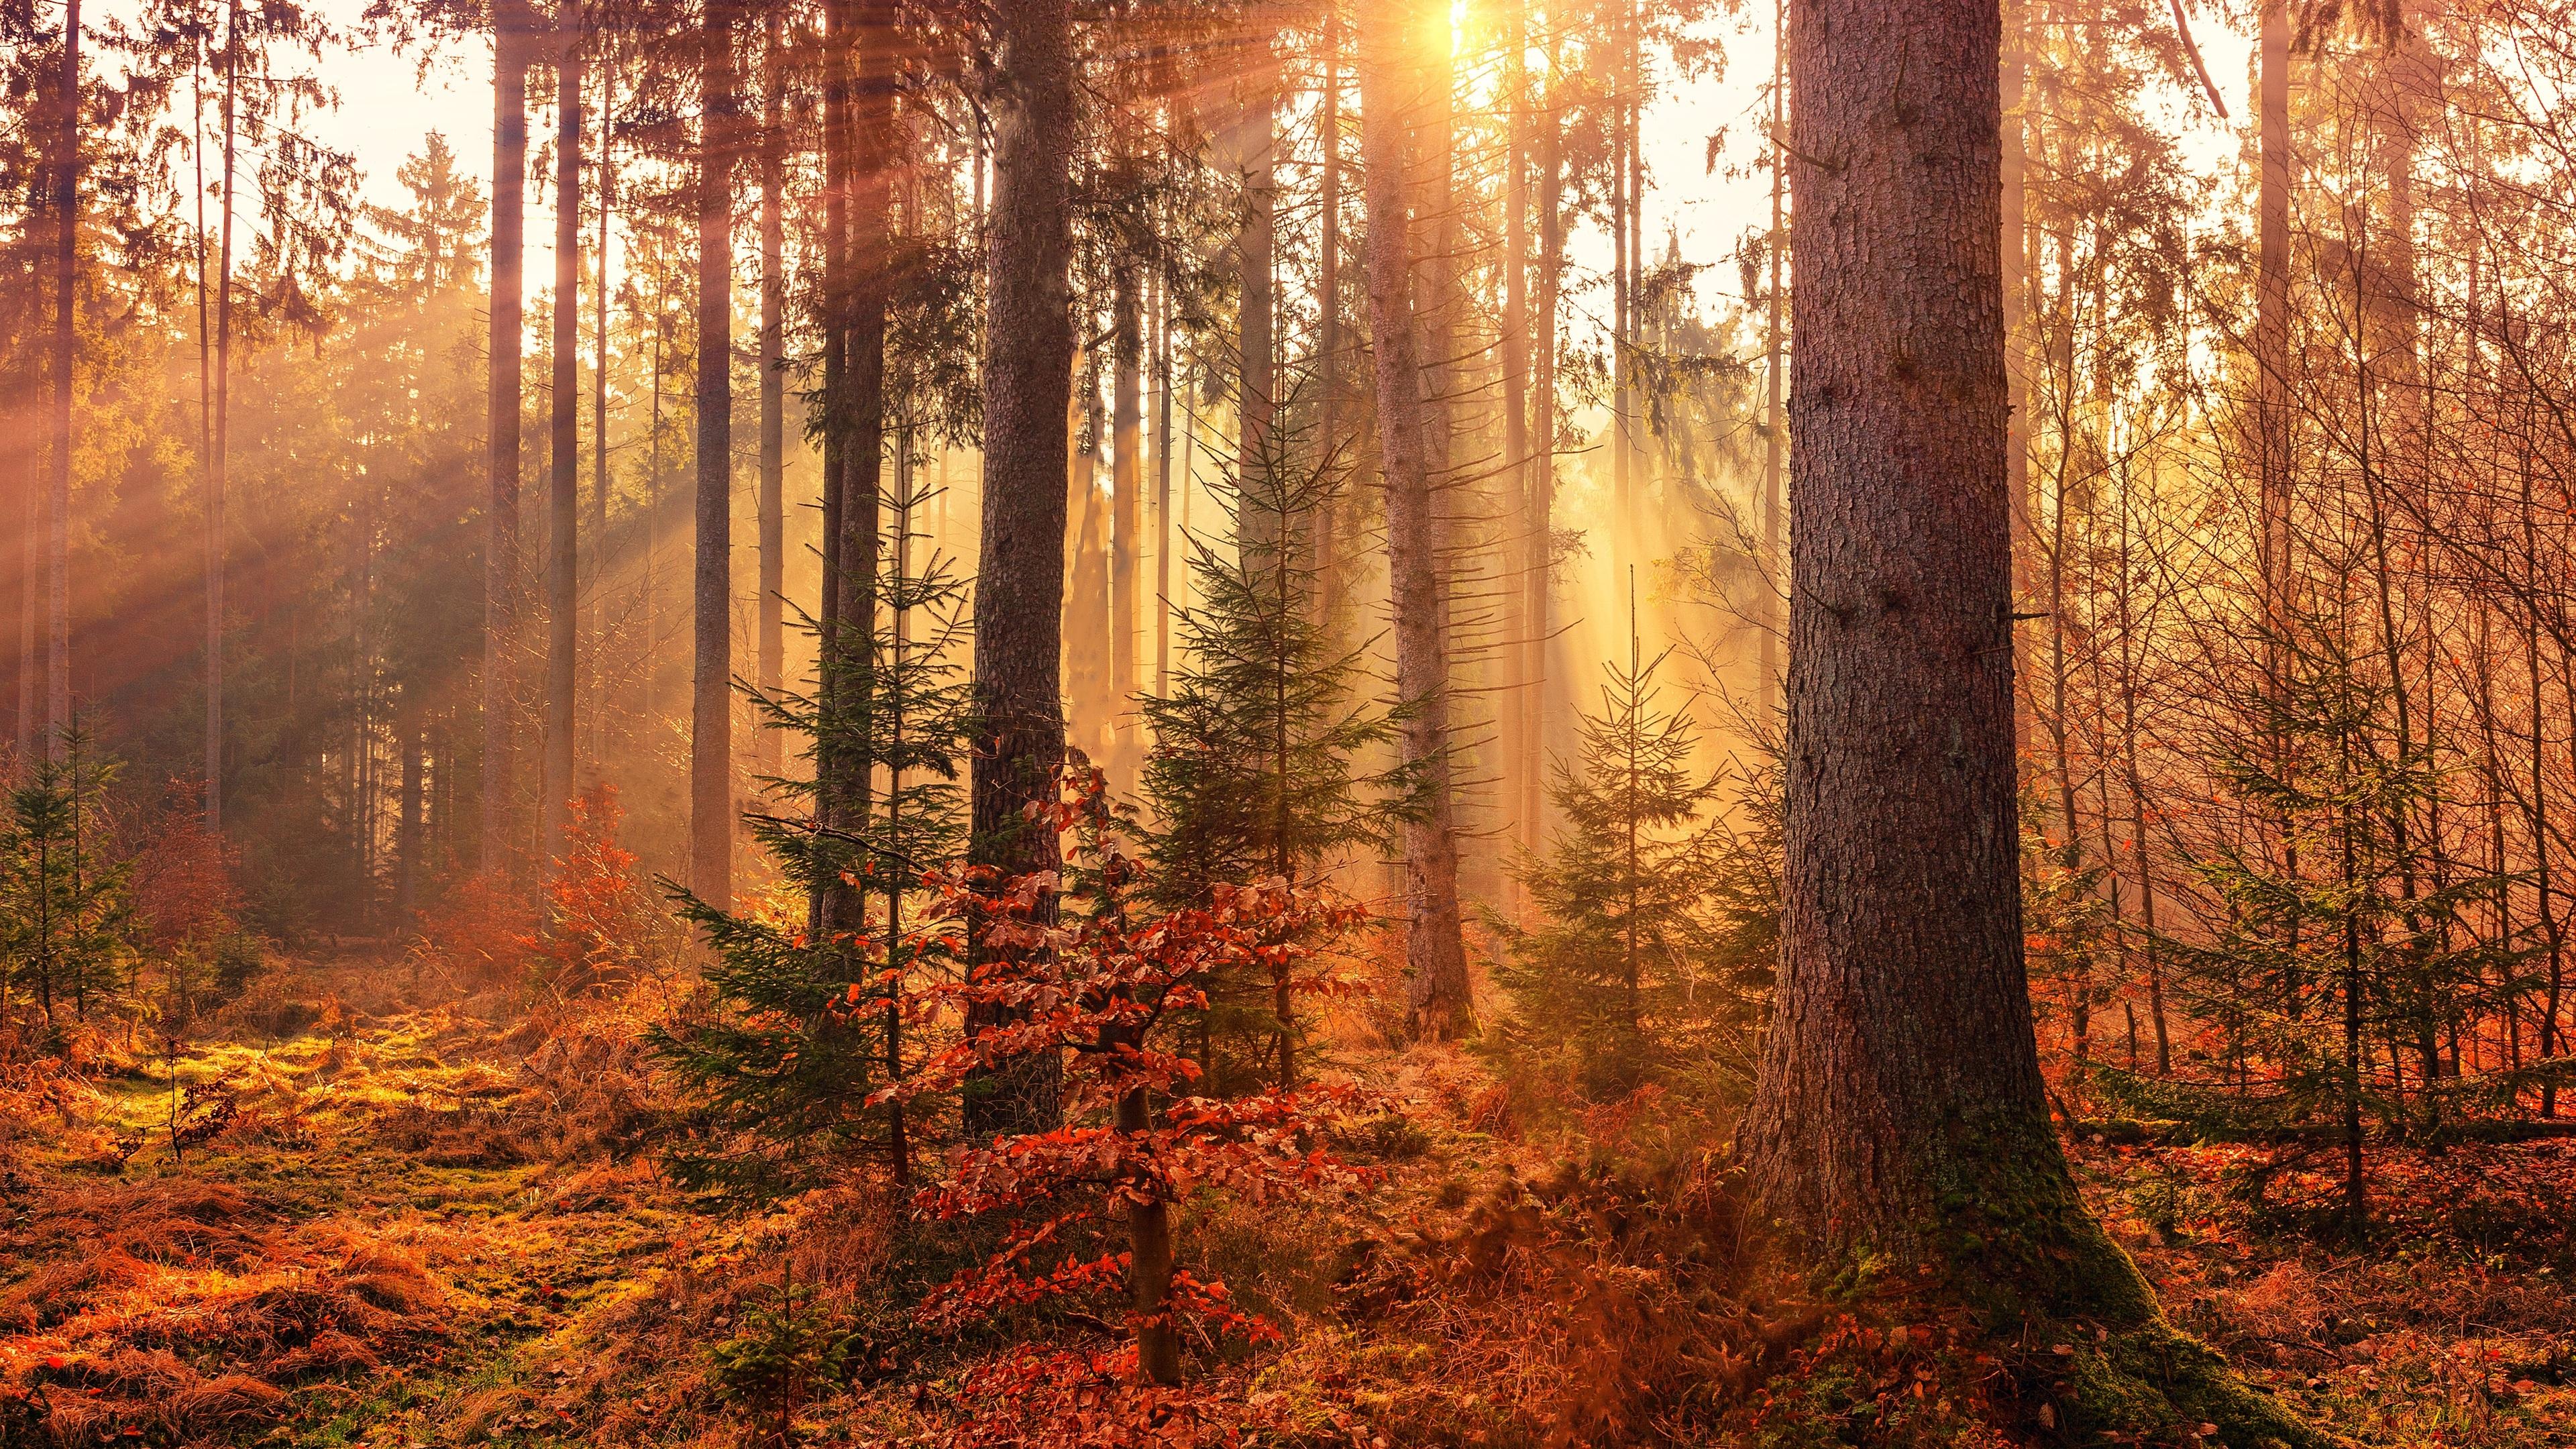 autumn sunbeams forest light rays 4k 1540139299 - Autumn Sunbeams Forest Light Rays 4k - sunbeam wallpapers, nature wallpapers, hd-wallpapers, forest wallpapers, autumn wallpapers, 5k wallpapers, 4k-wallpapers